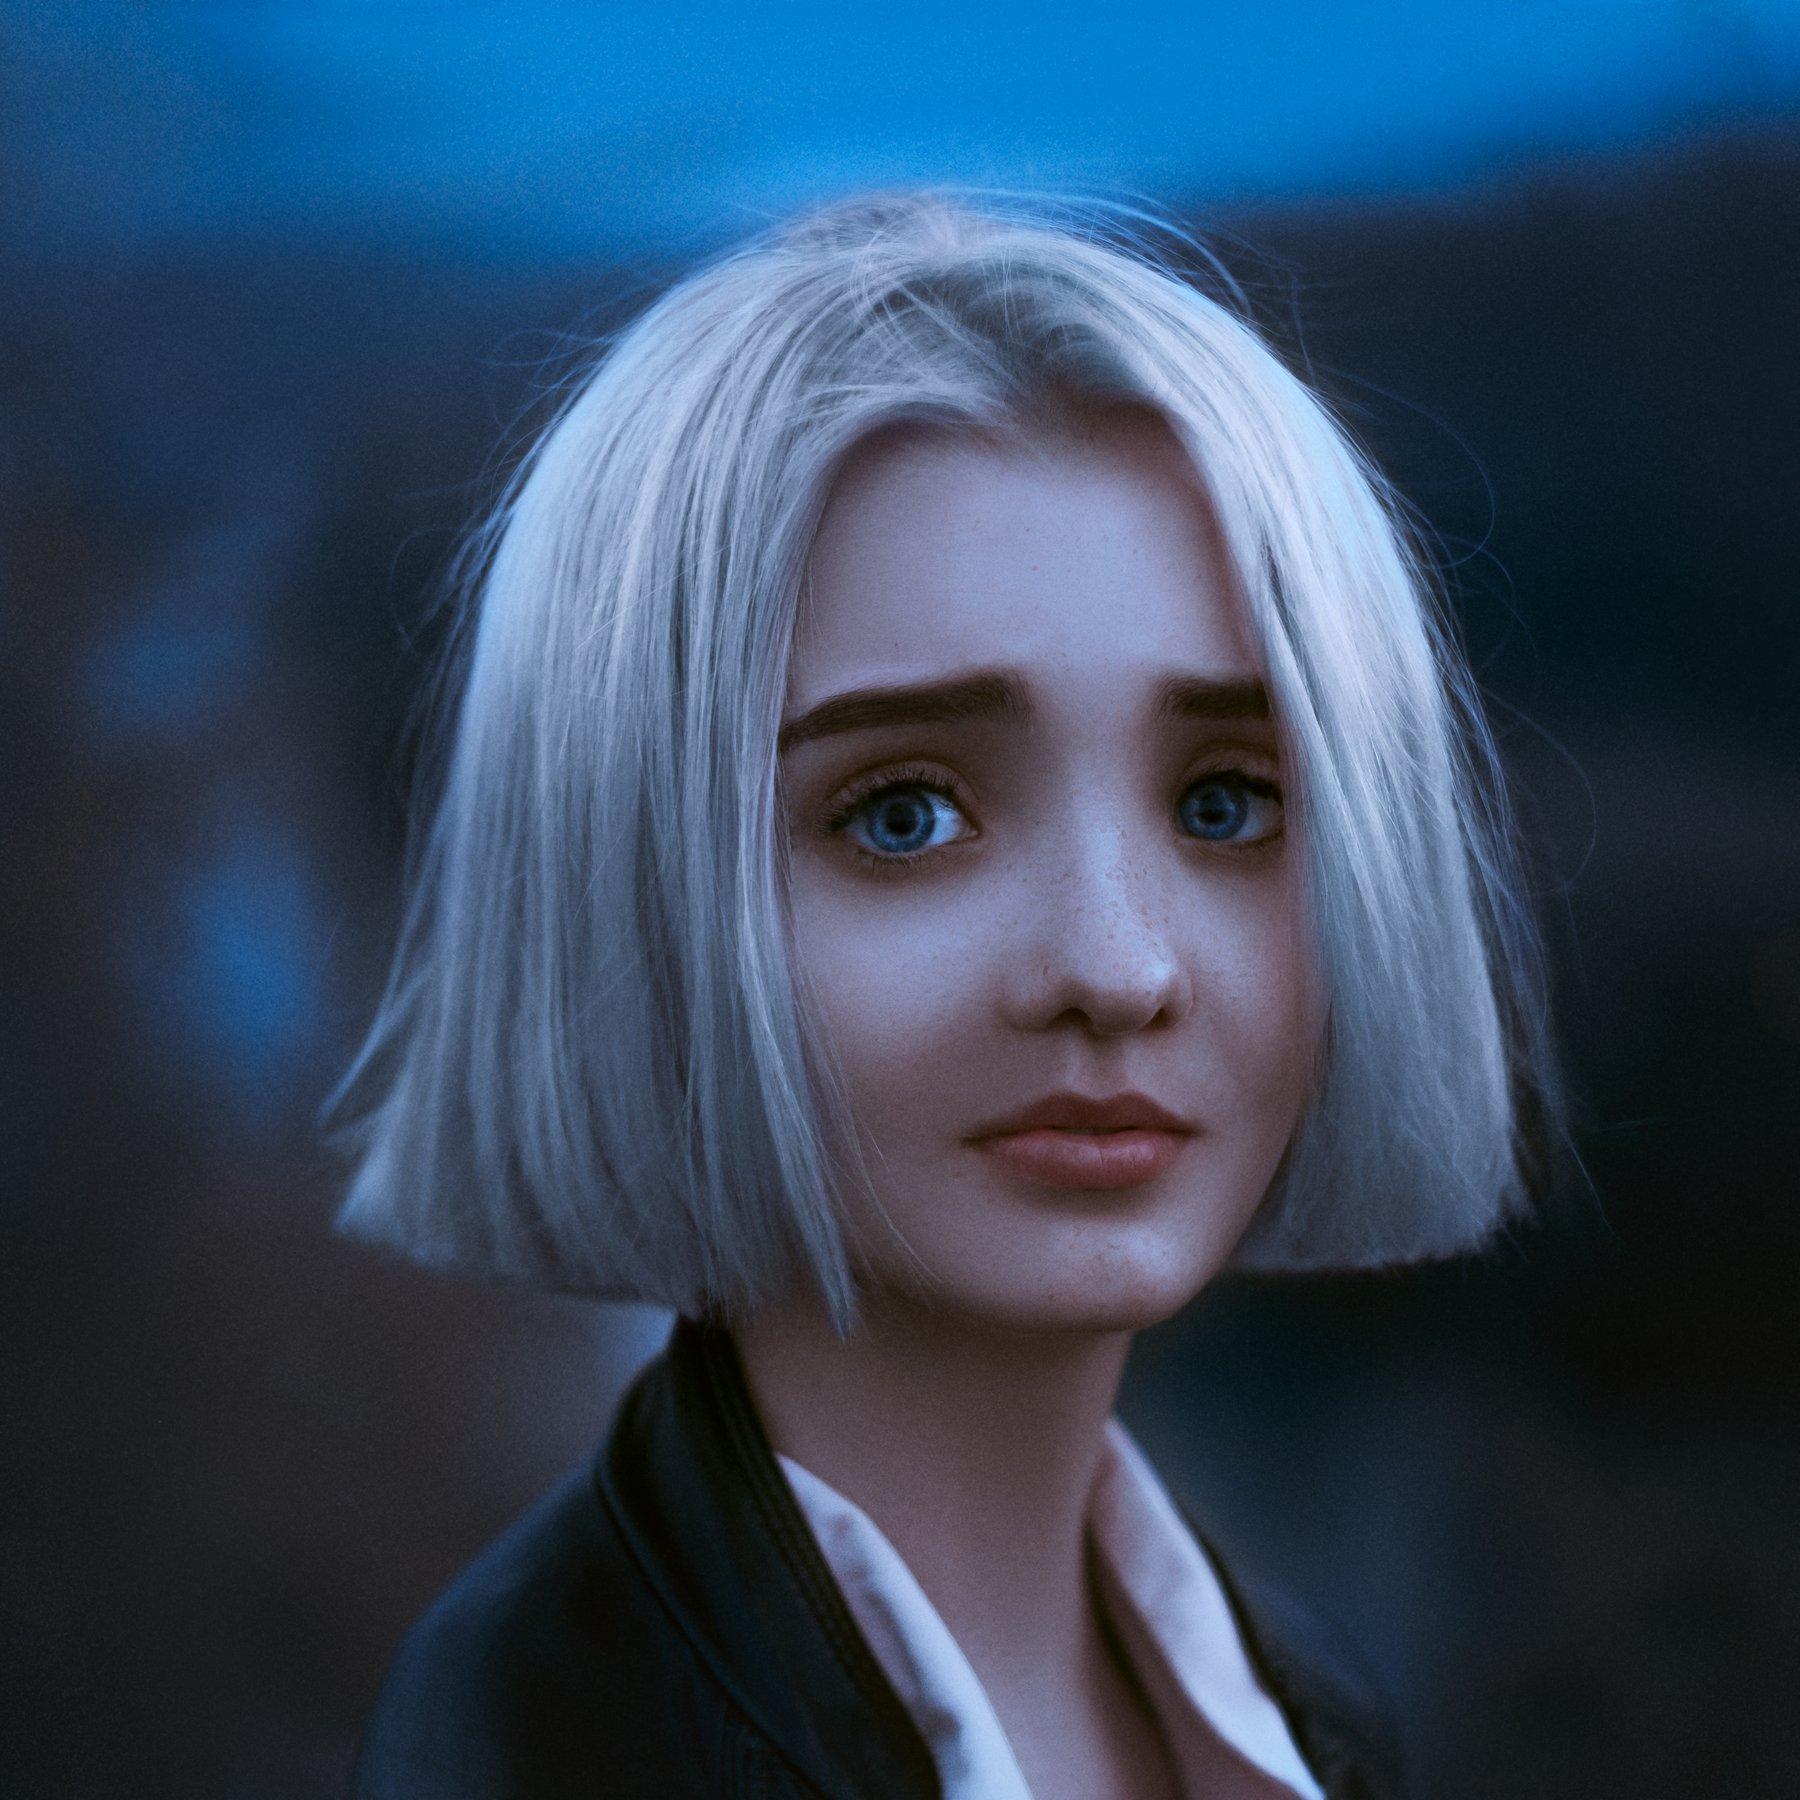 art portrait girl blue eyes, Богдан Савош